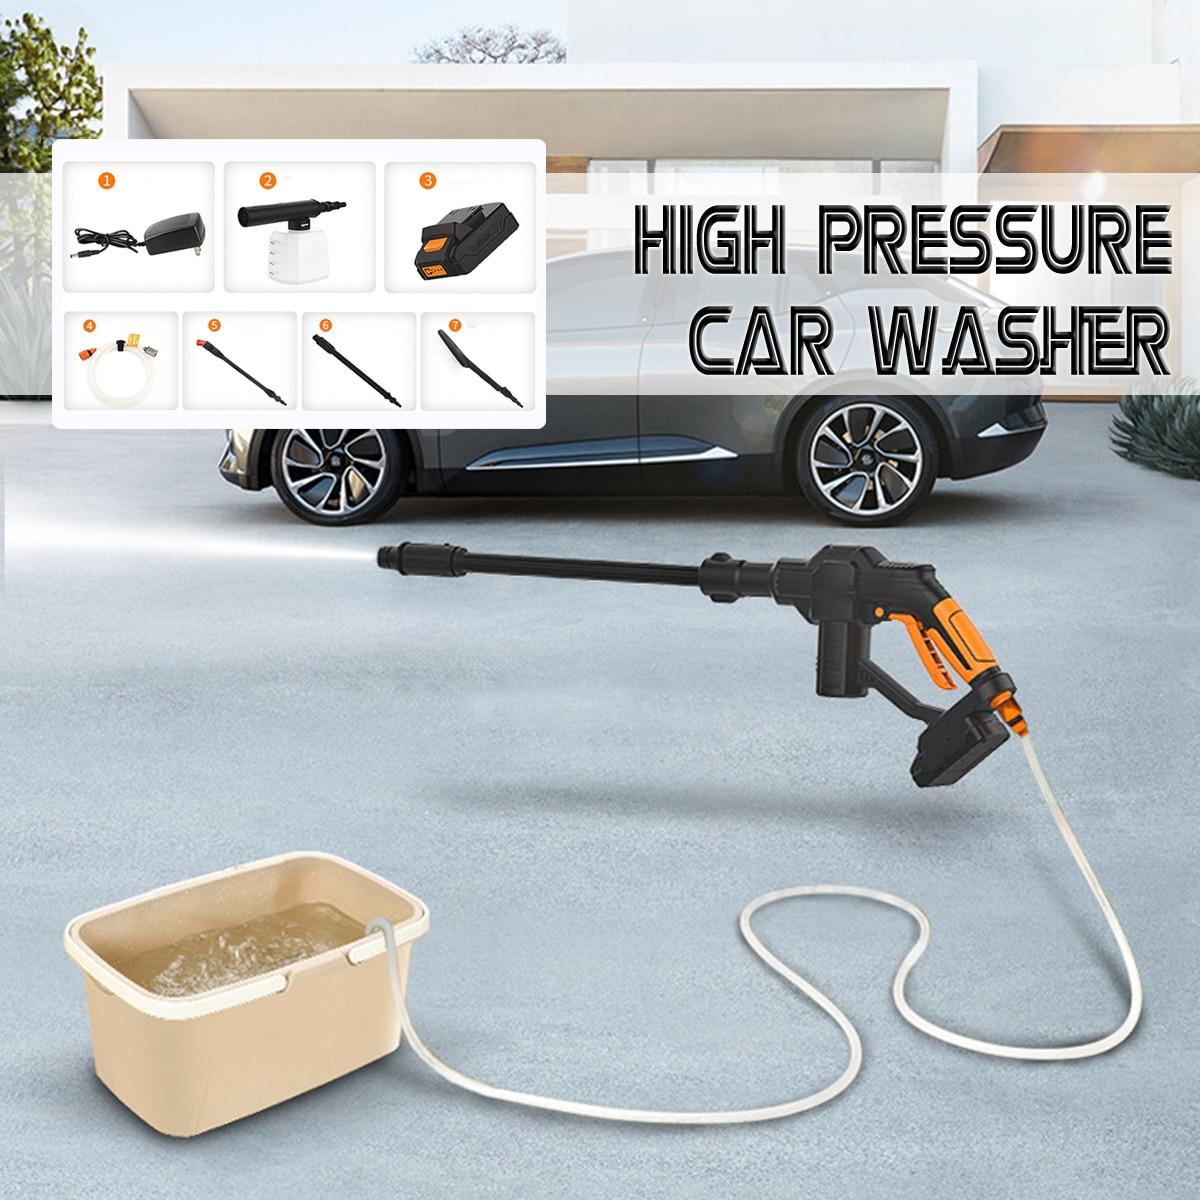 20V Spray de Armas Sem Fio Automática De Alta Pressão da Lavagem de Carro máquina de Lavar de Água Lavador de Carros Portátil Recarregável Jardim Ferramenta De Limpeza Elétrico